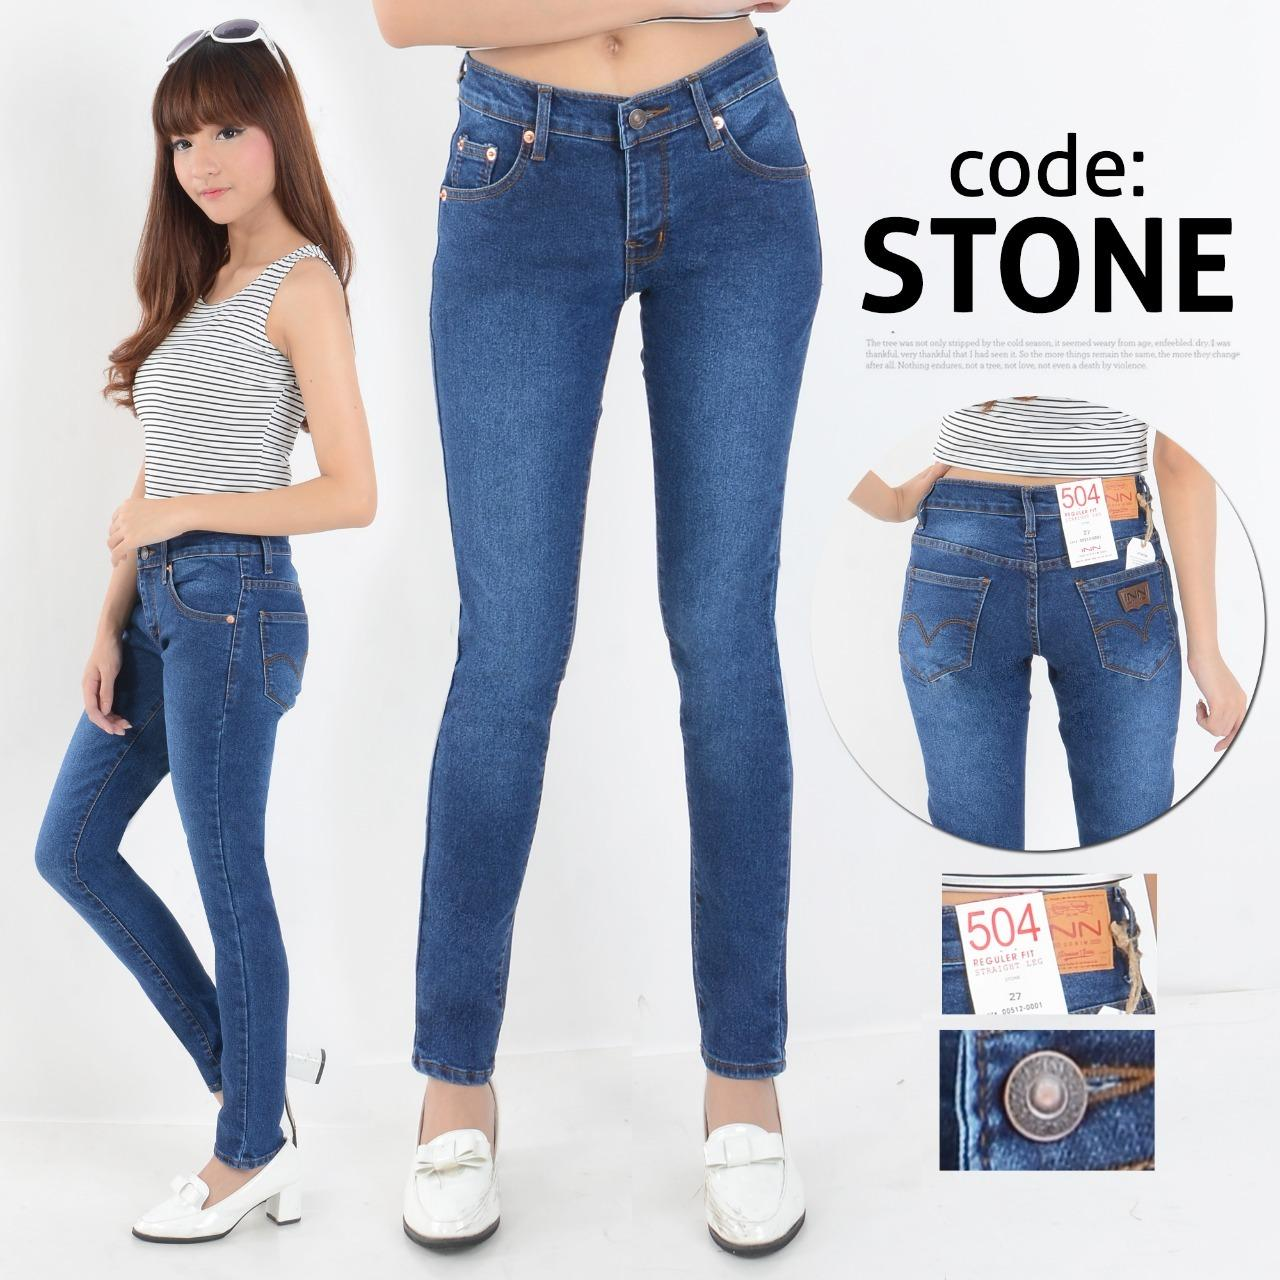 Celana Wanita Skinny Street Model Terbaru Berbahan Soft Jeans Bagus Murah Jahitan Rapi By Toko Nusantara--.